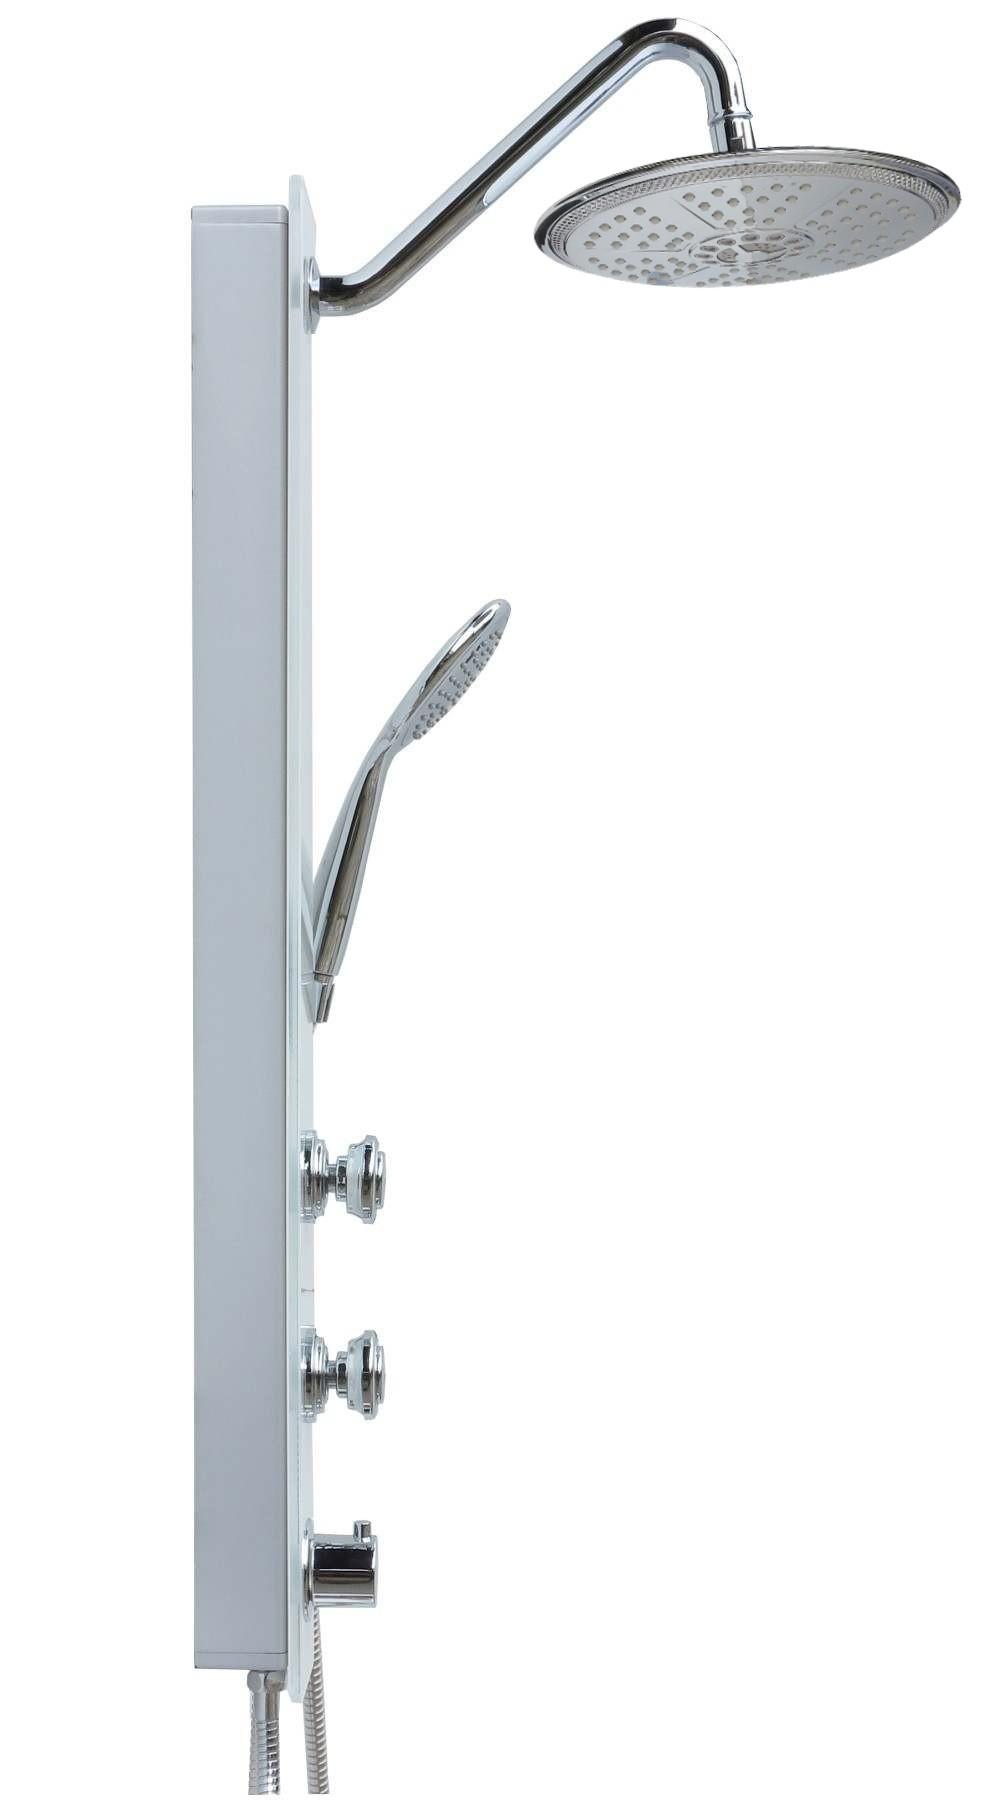 glas duschpaneel thermostat dusche duschs ule regendusche 5 funktionen in wei ebay. Black Bedroom Furniture Sets. Home Design Ideas